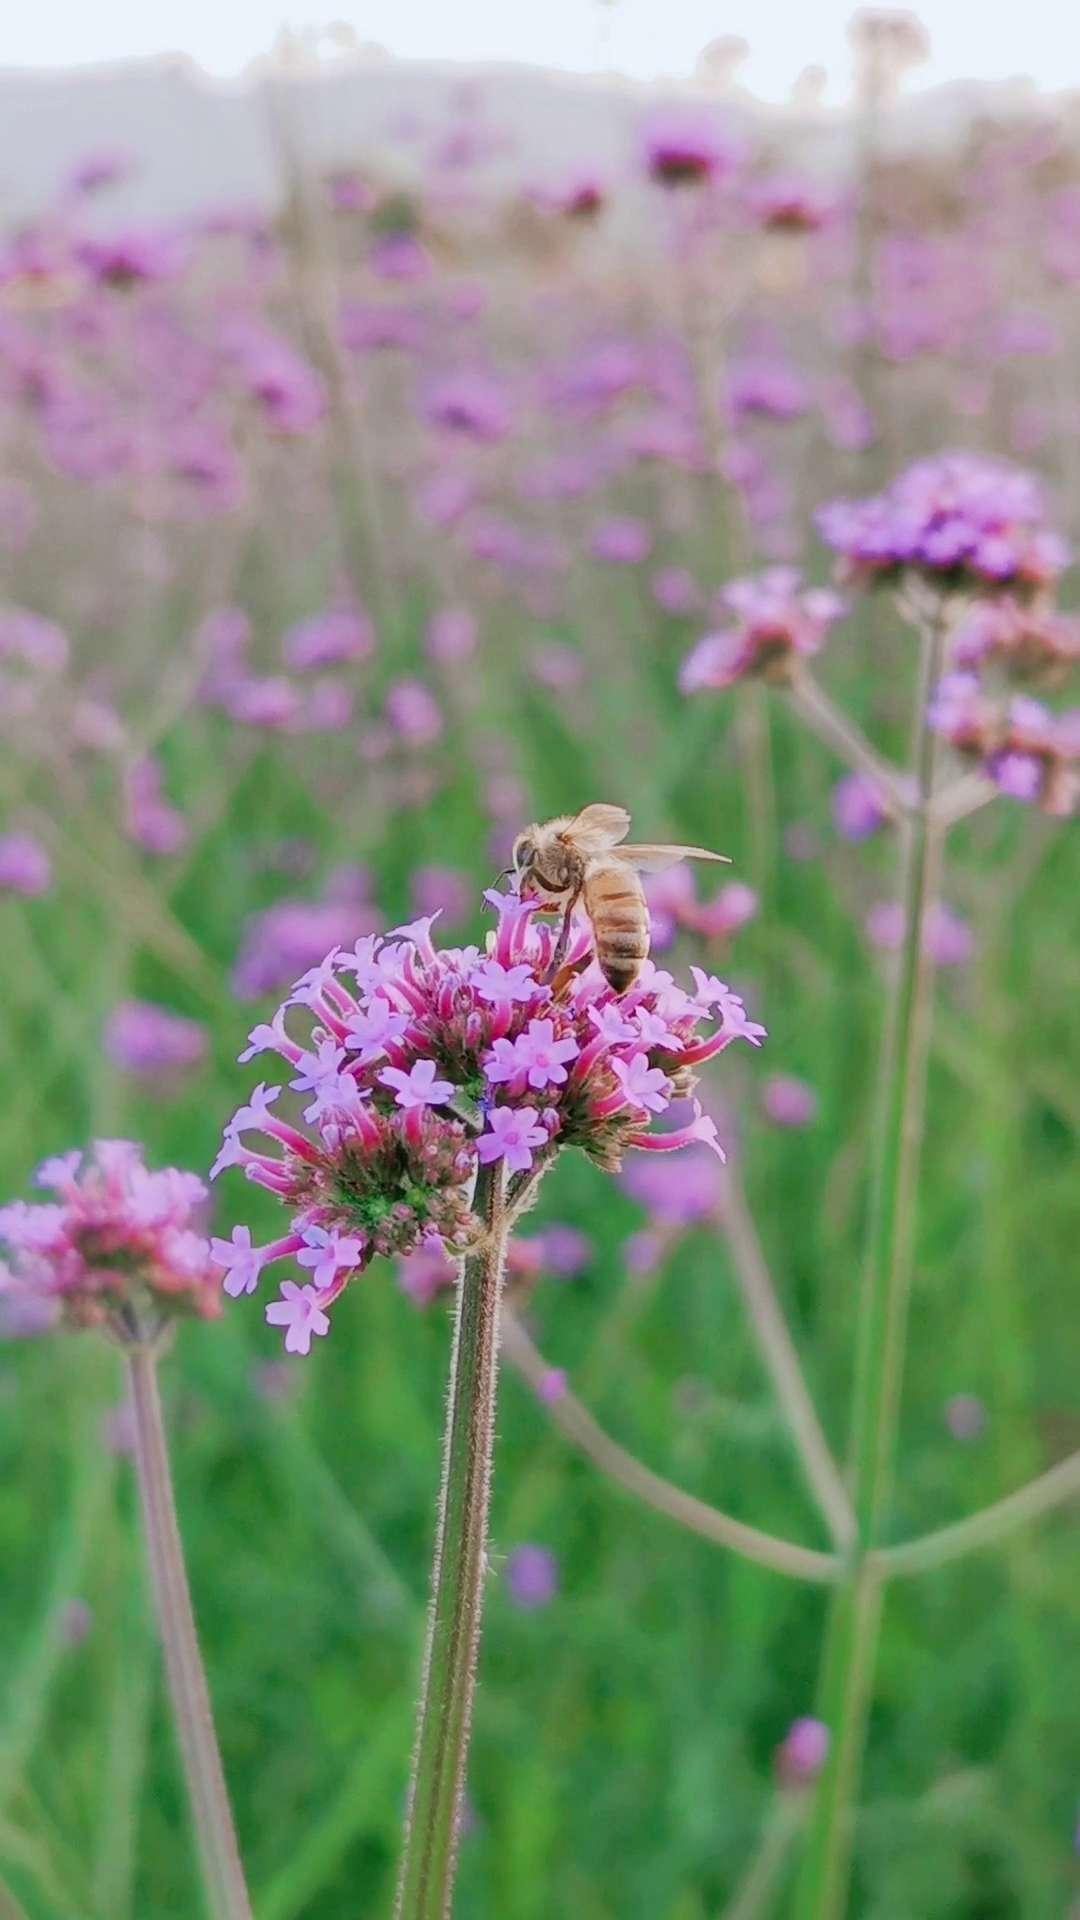 #随手拍五一长假#花开引蜂采蜜忙,花粉随手拍-花粉俱乐部